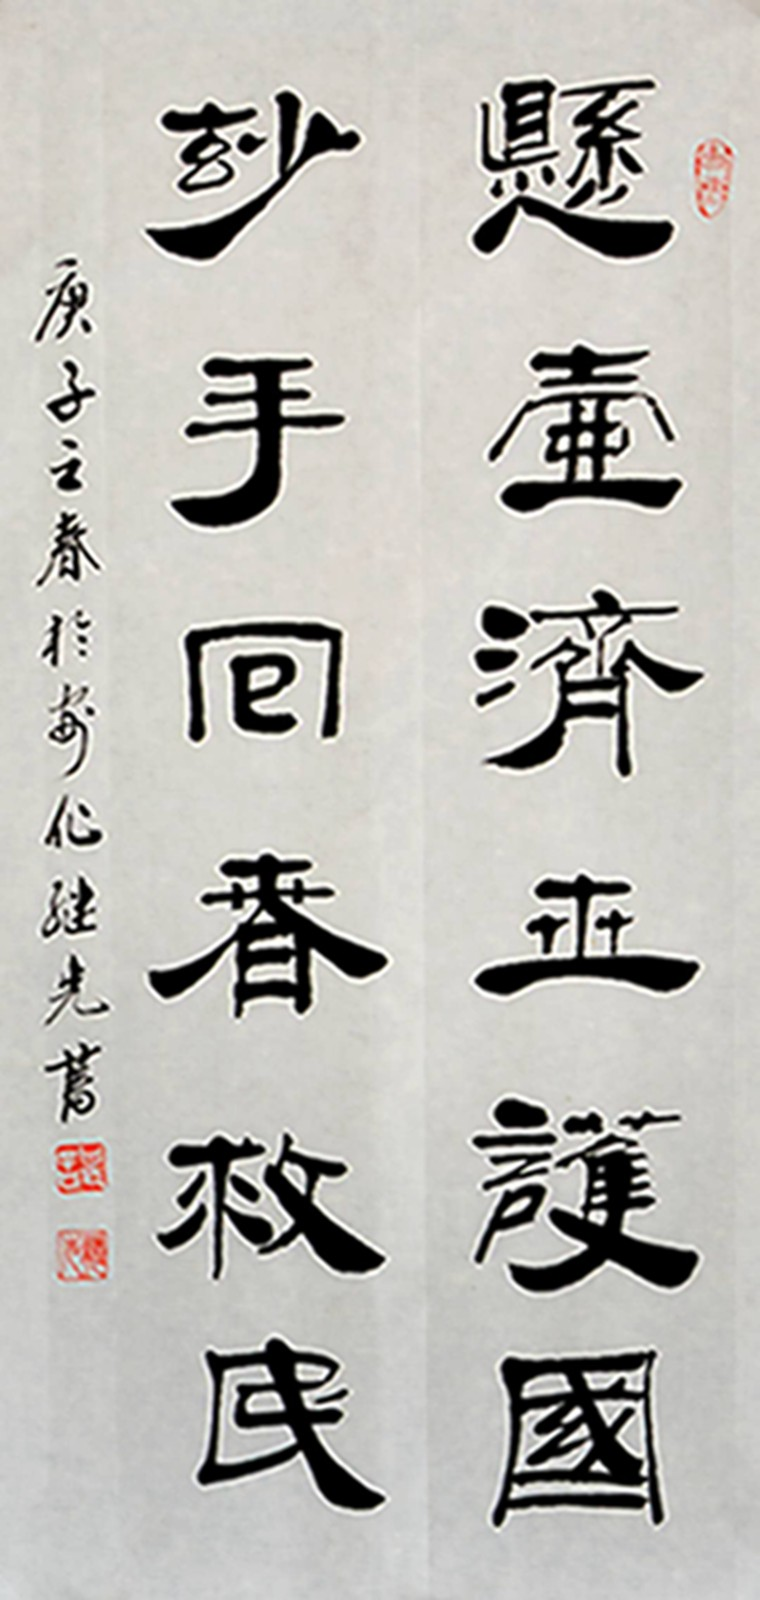 3、抗疫联 谌继先 安化县茶乡书画院 13762706388.jpg